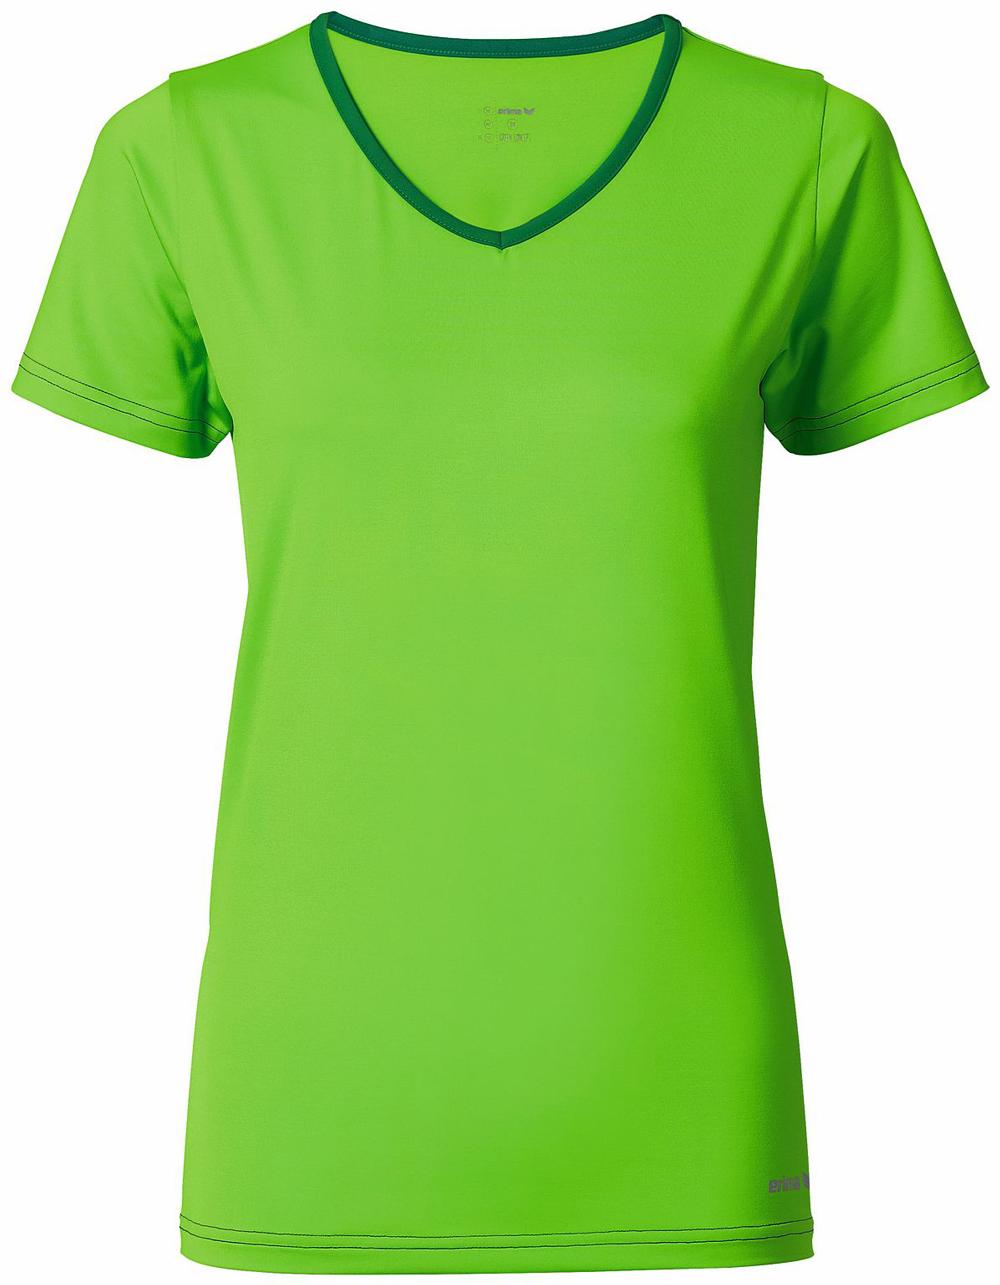 Multifunktionales Damen T-shirt, green gecko/evergreen, 40